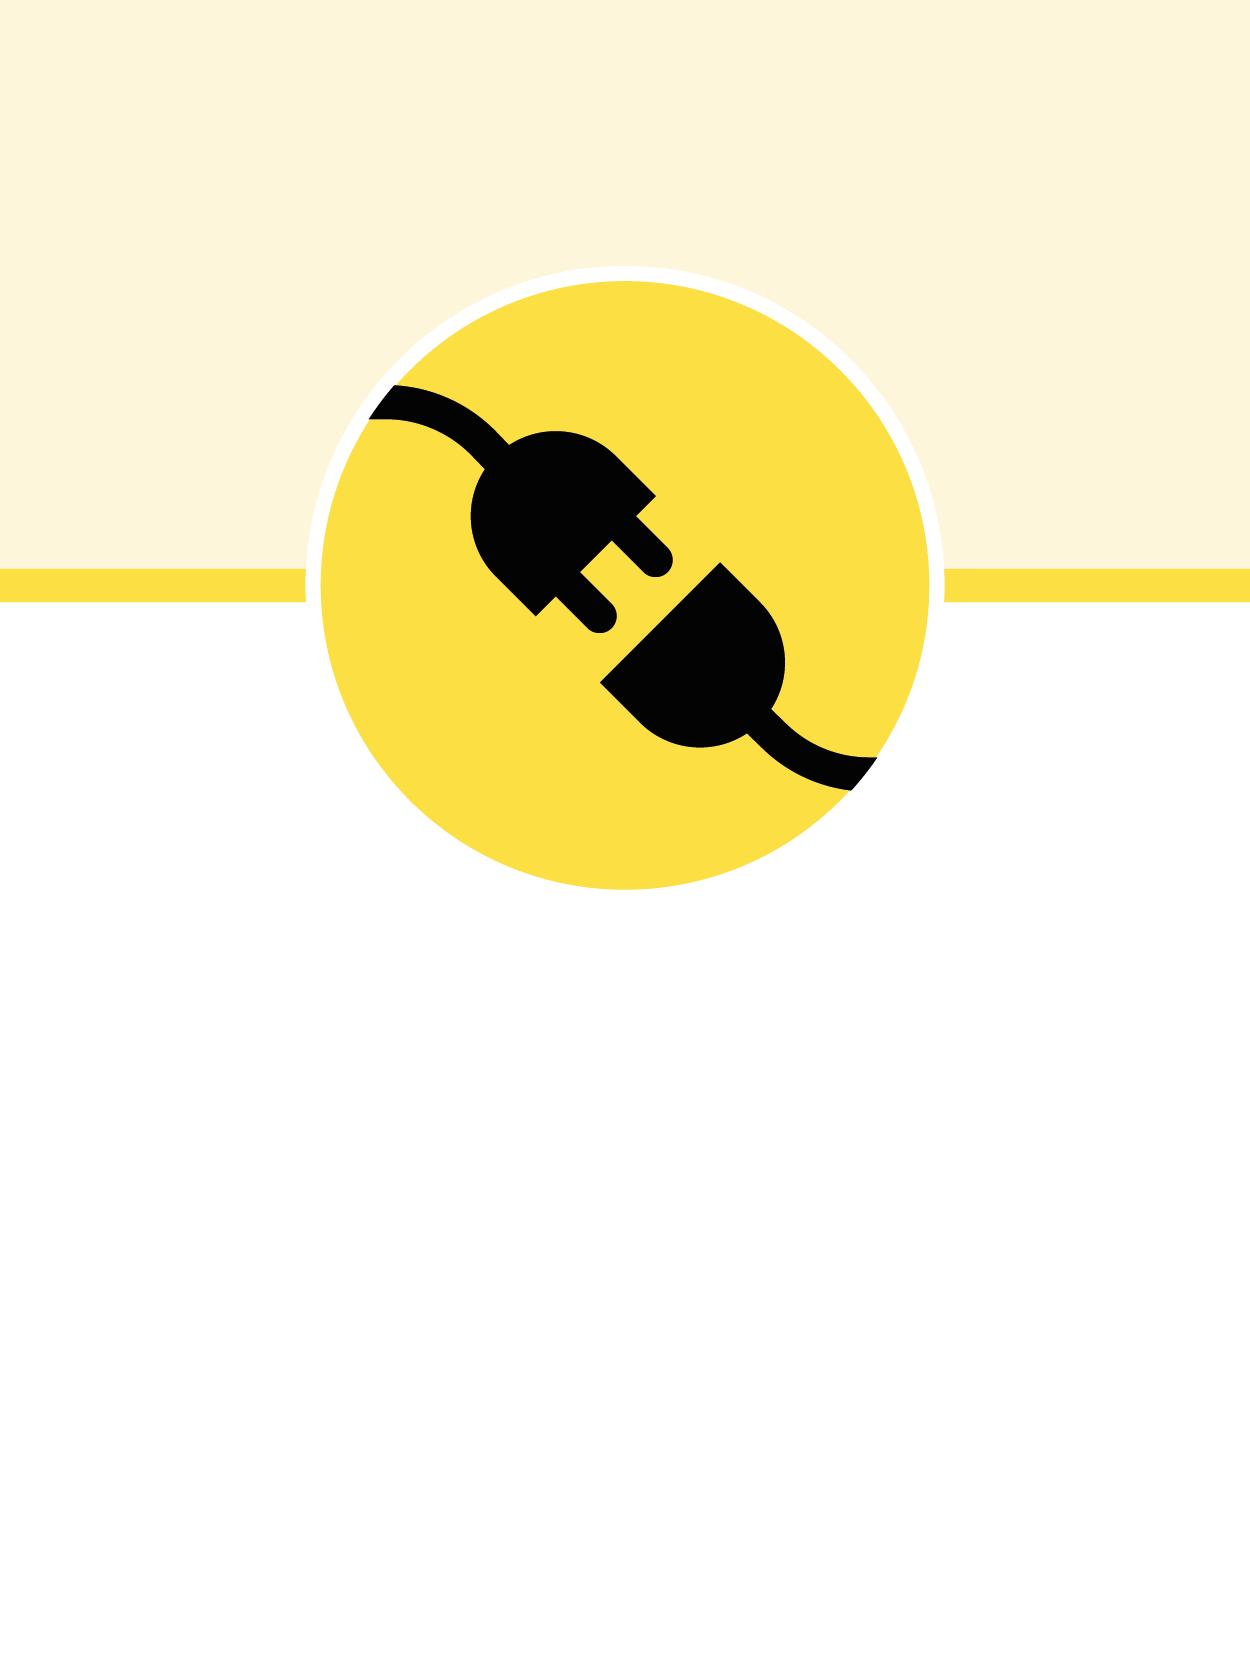 Anschlussbewilligung-Geräteprüfung Themen Banner_Zeichenfläche 1